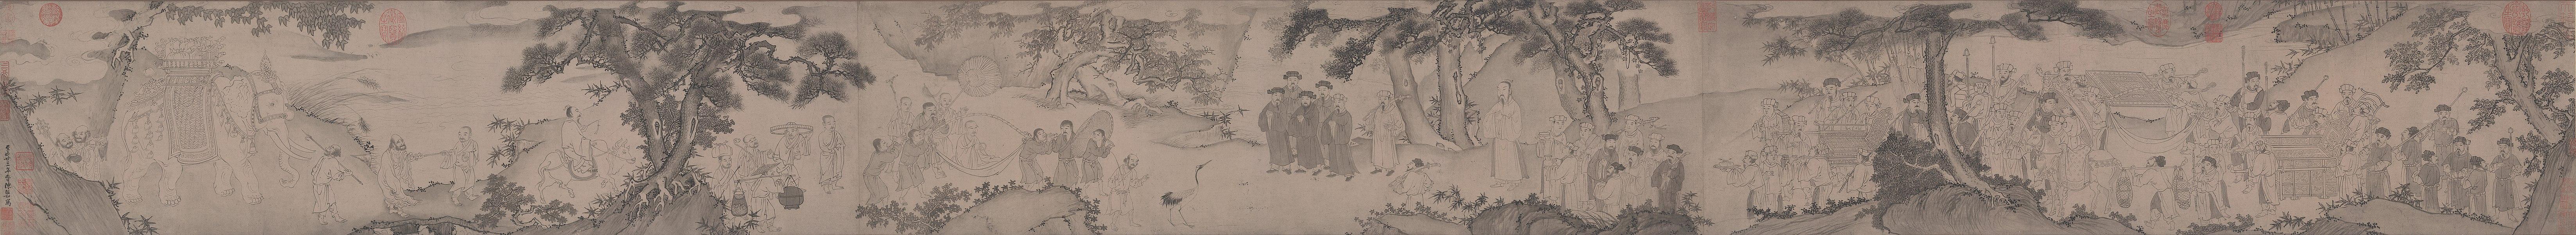 dong yuan - image 10